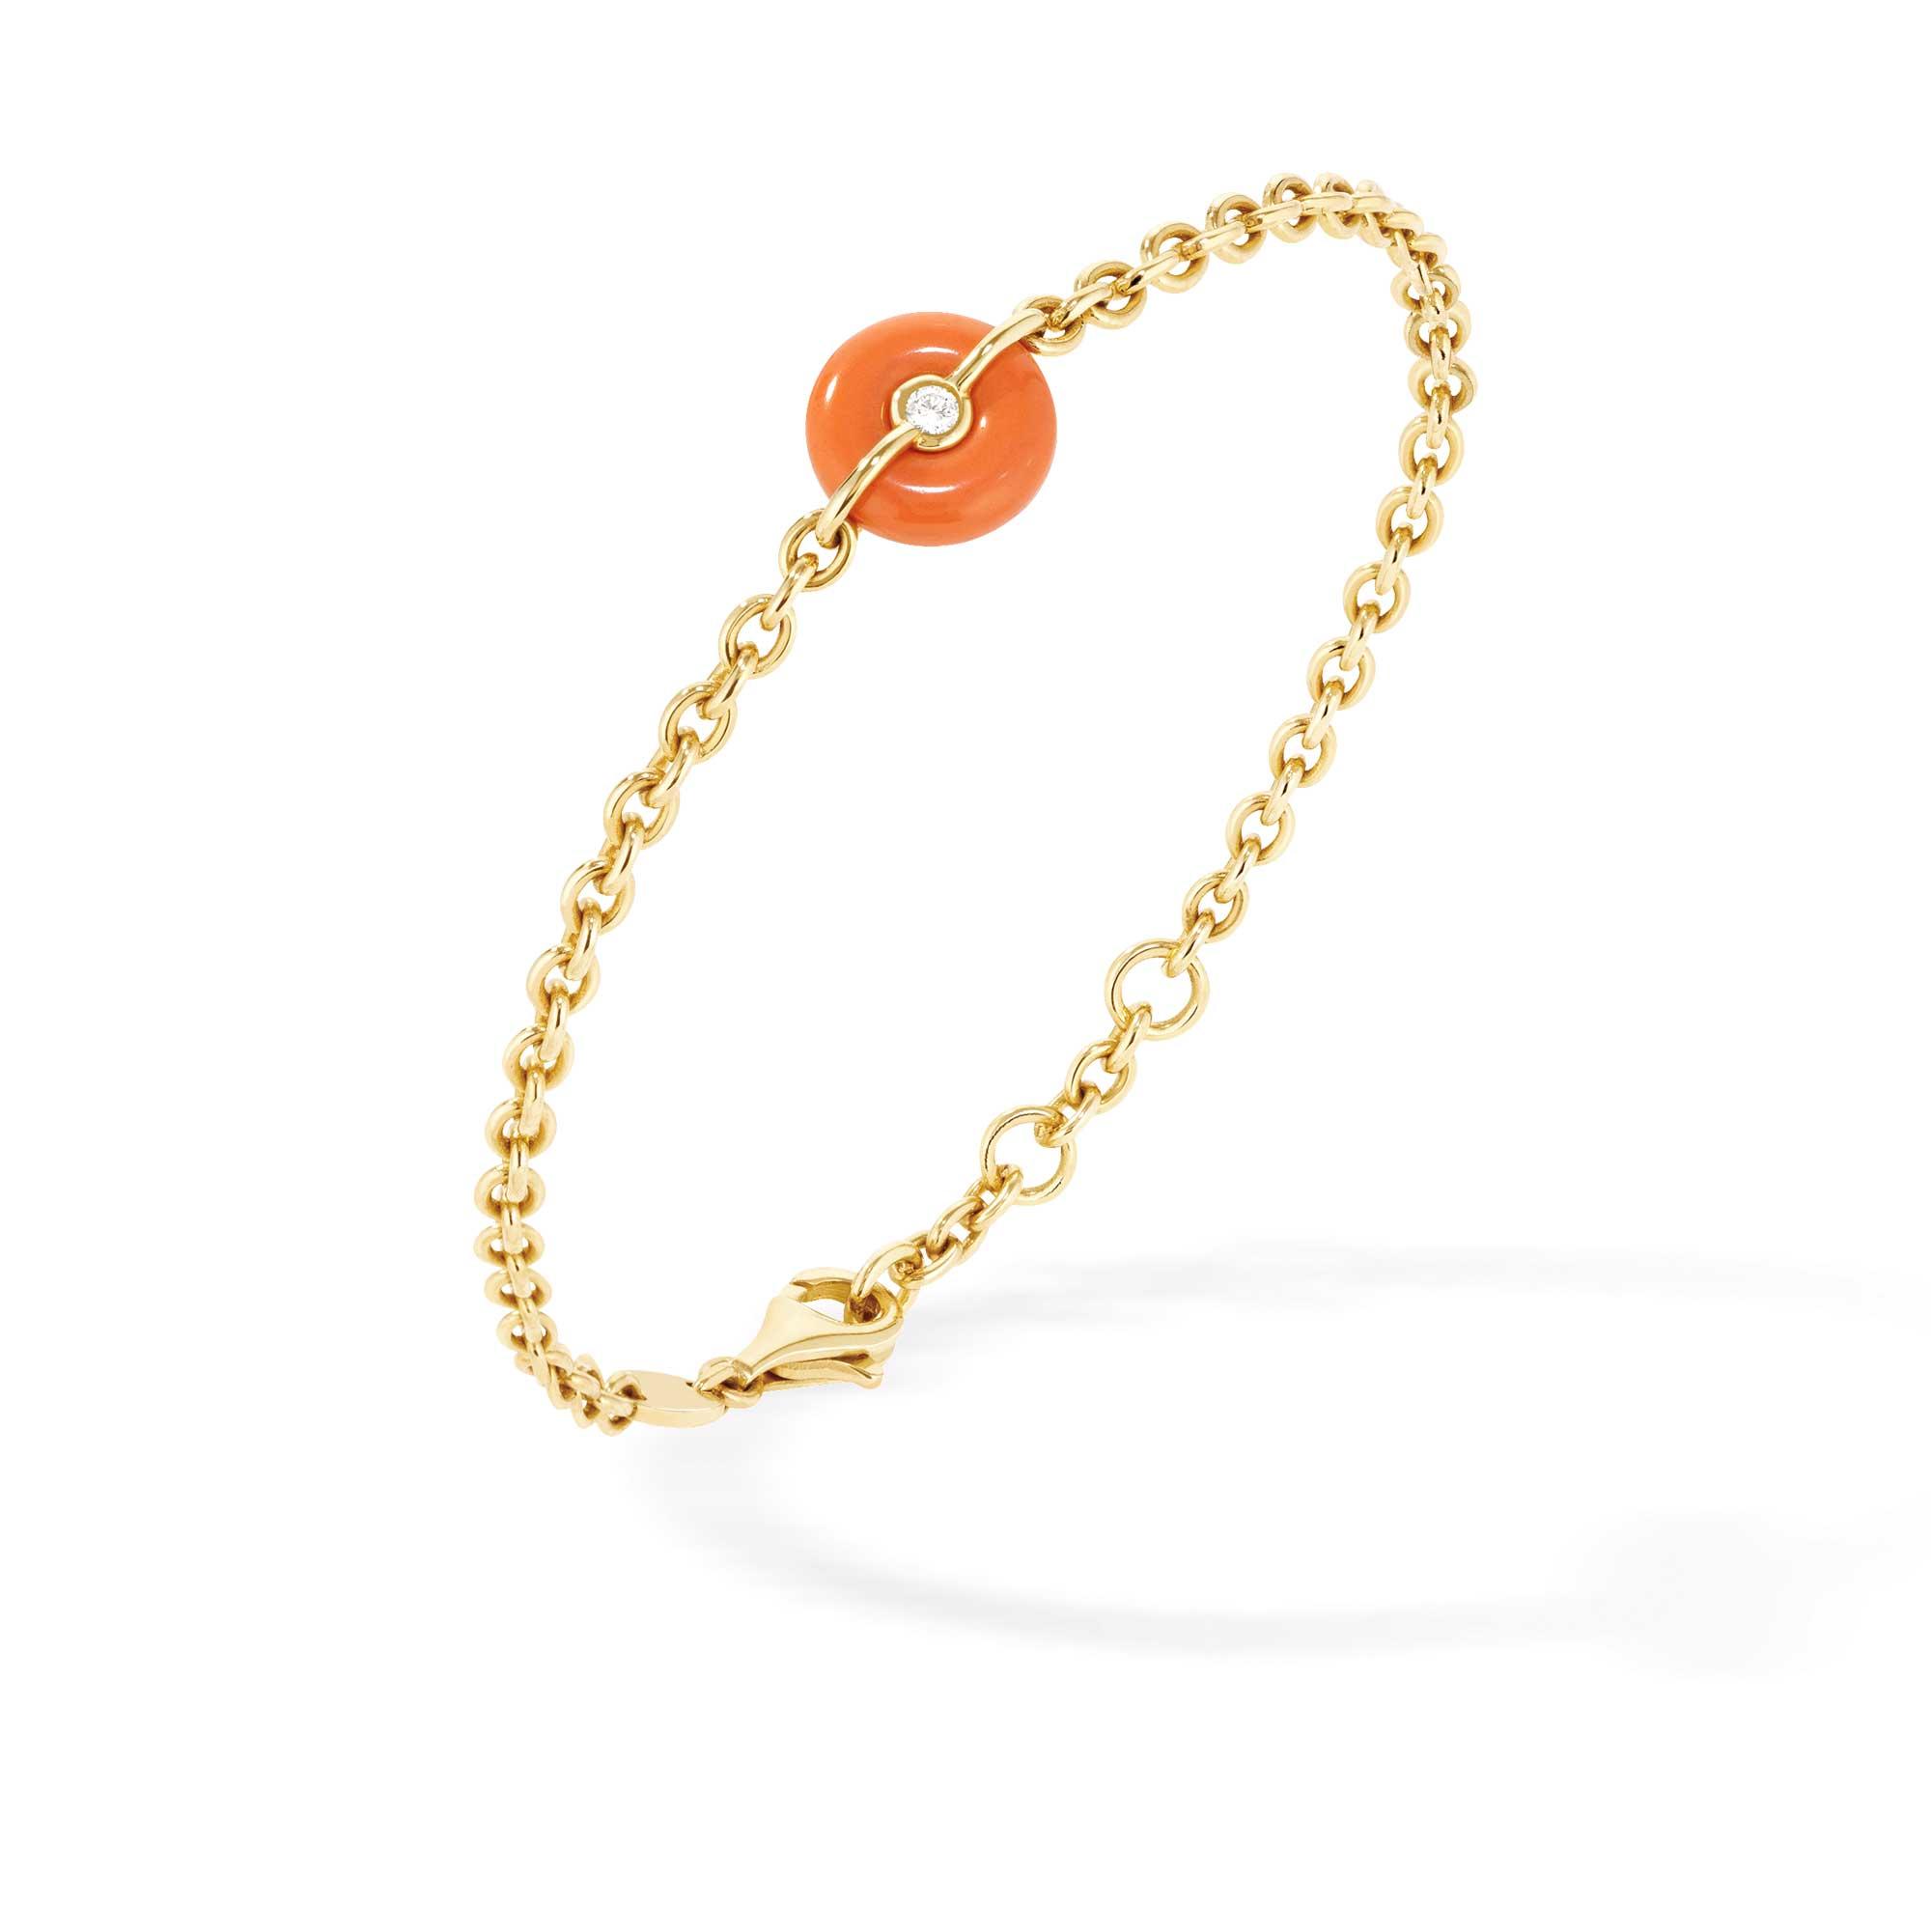 Bracciale a catenina in oro giallo, corallo e diamanti - gioielleria Canaglia Paris-Milano